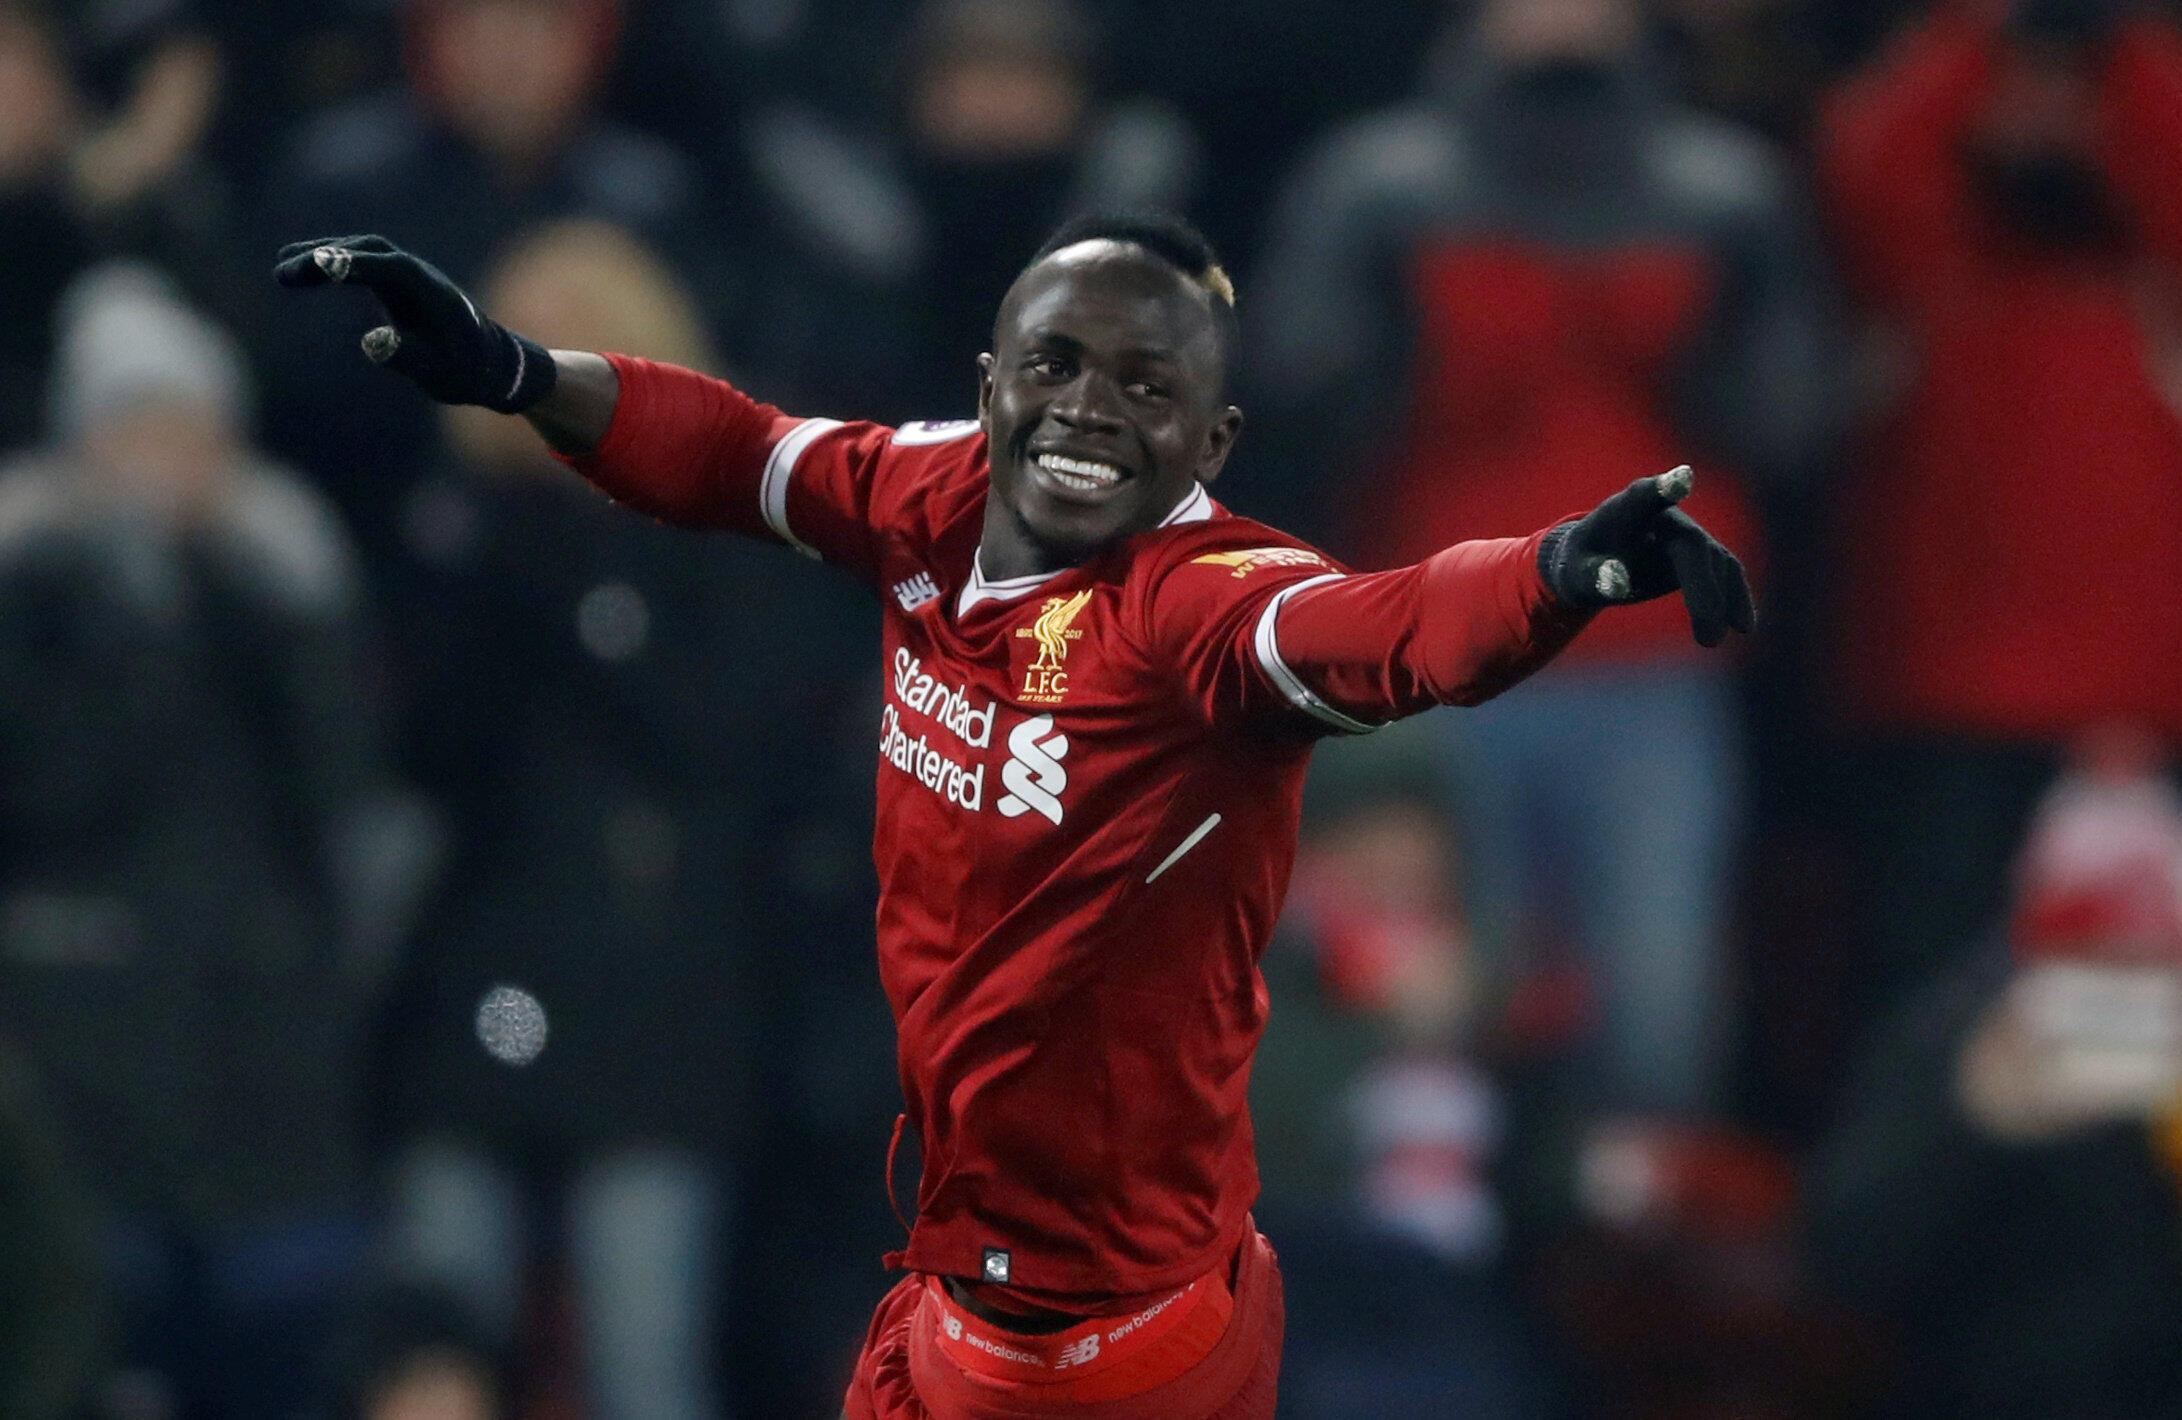 La joie de l'international sénégalais Sadio Mané après son but face à Newcastle United, le 3 mars 2018.